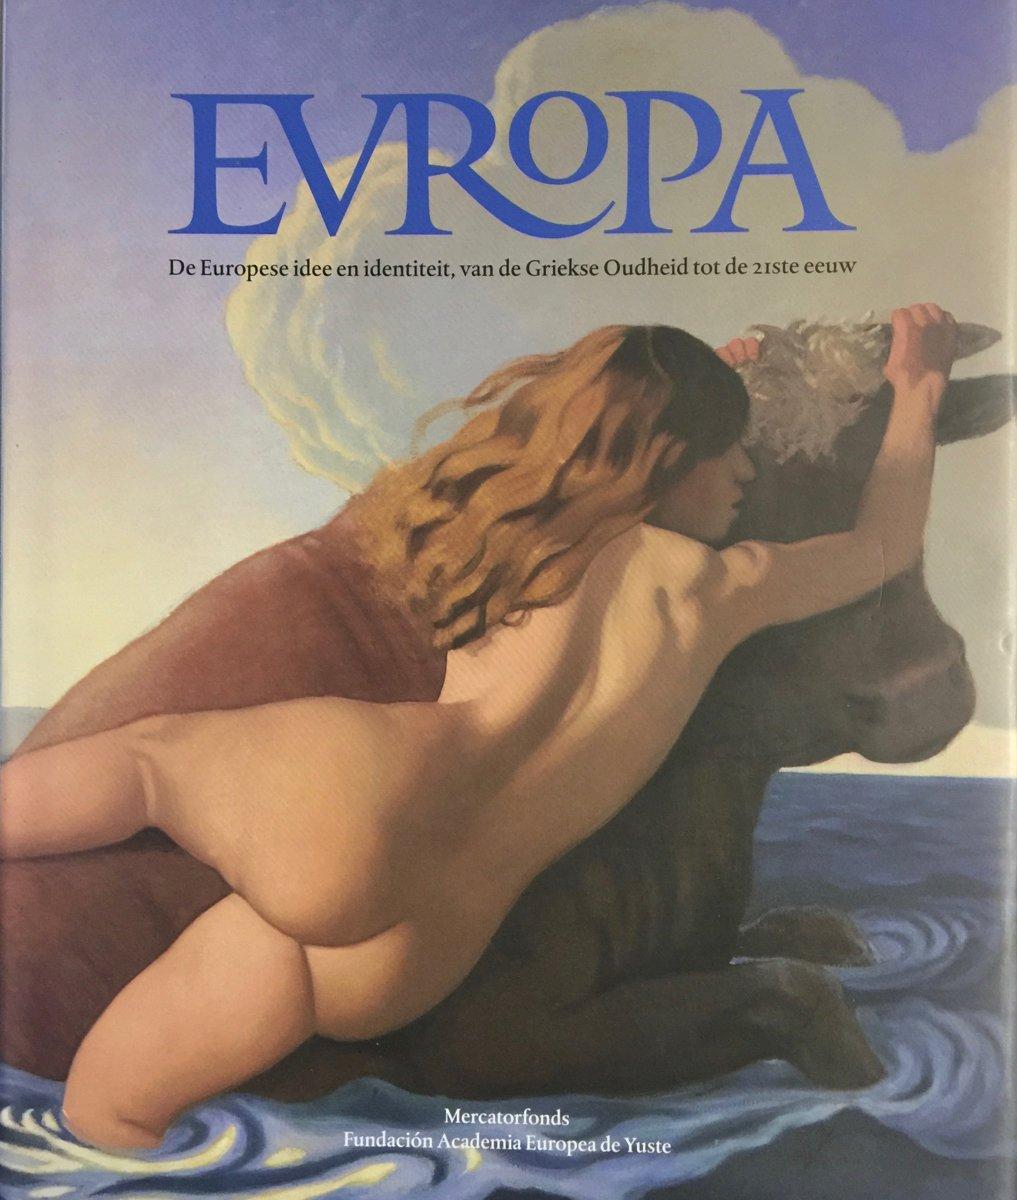 G. Frausch - EUROPA